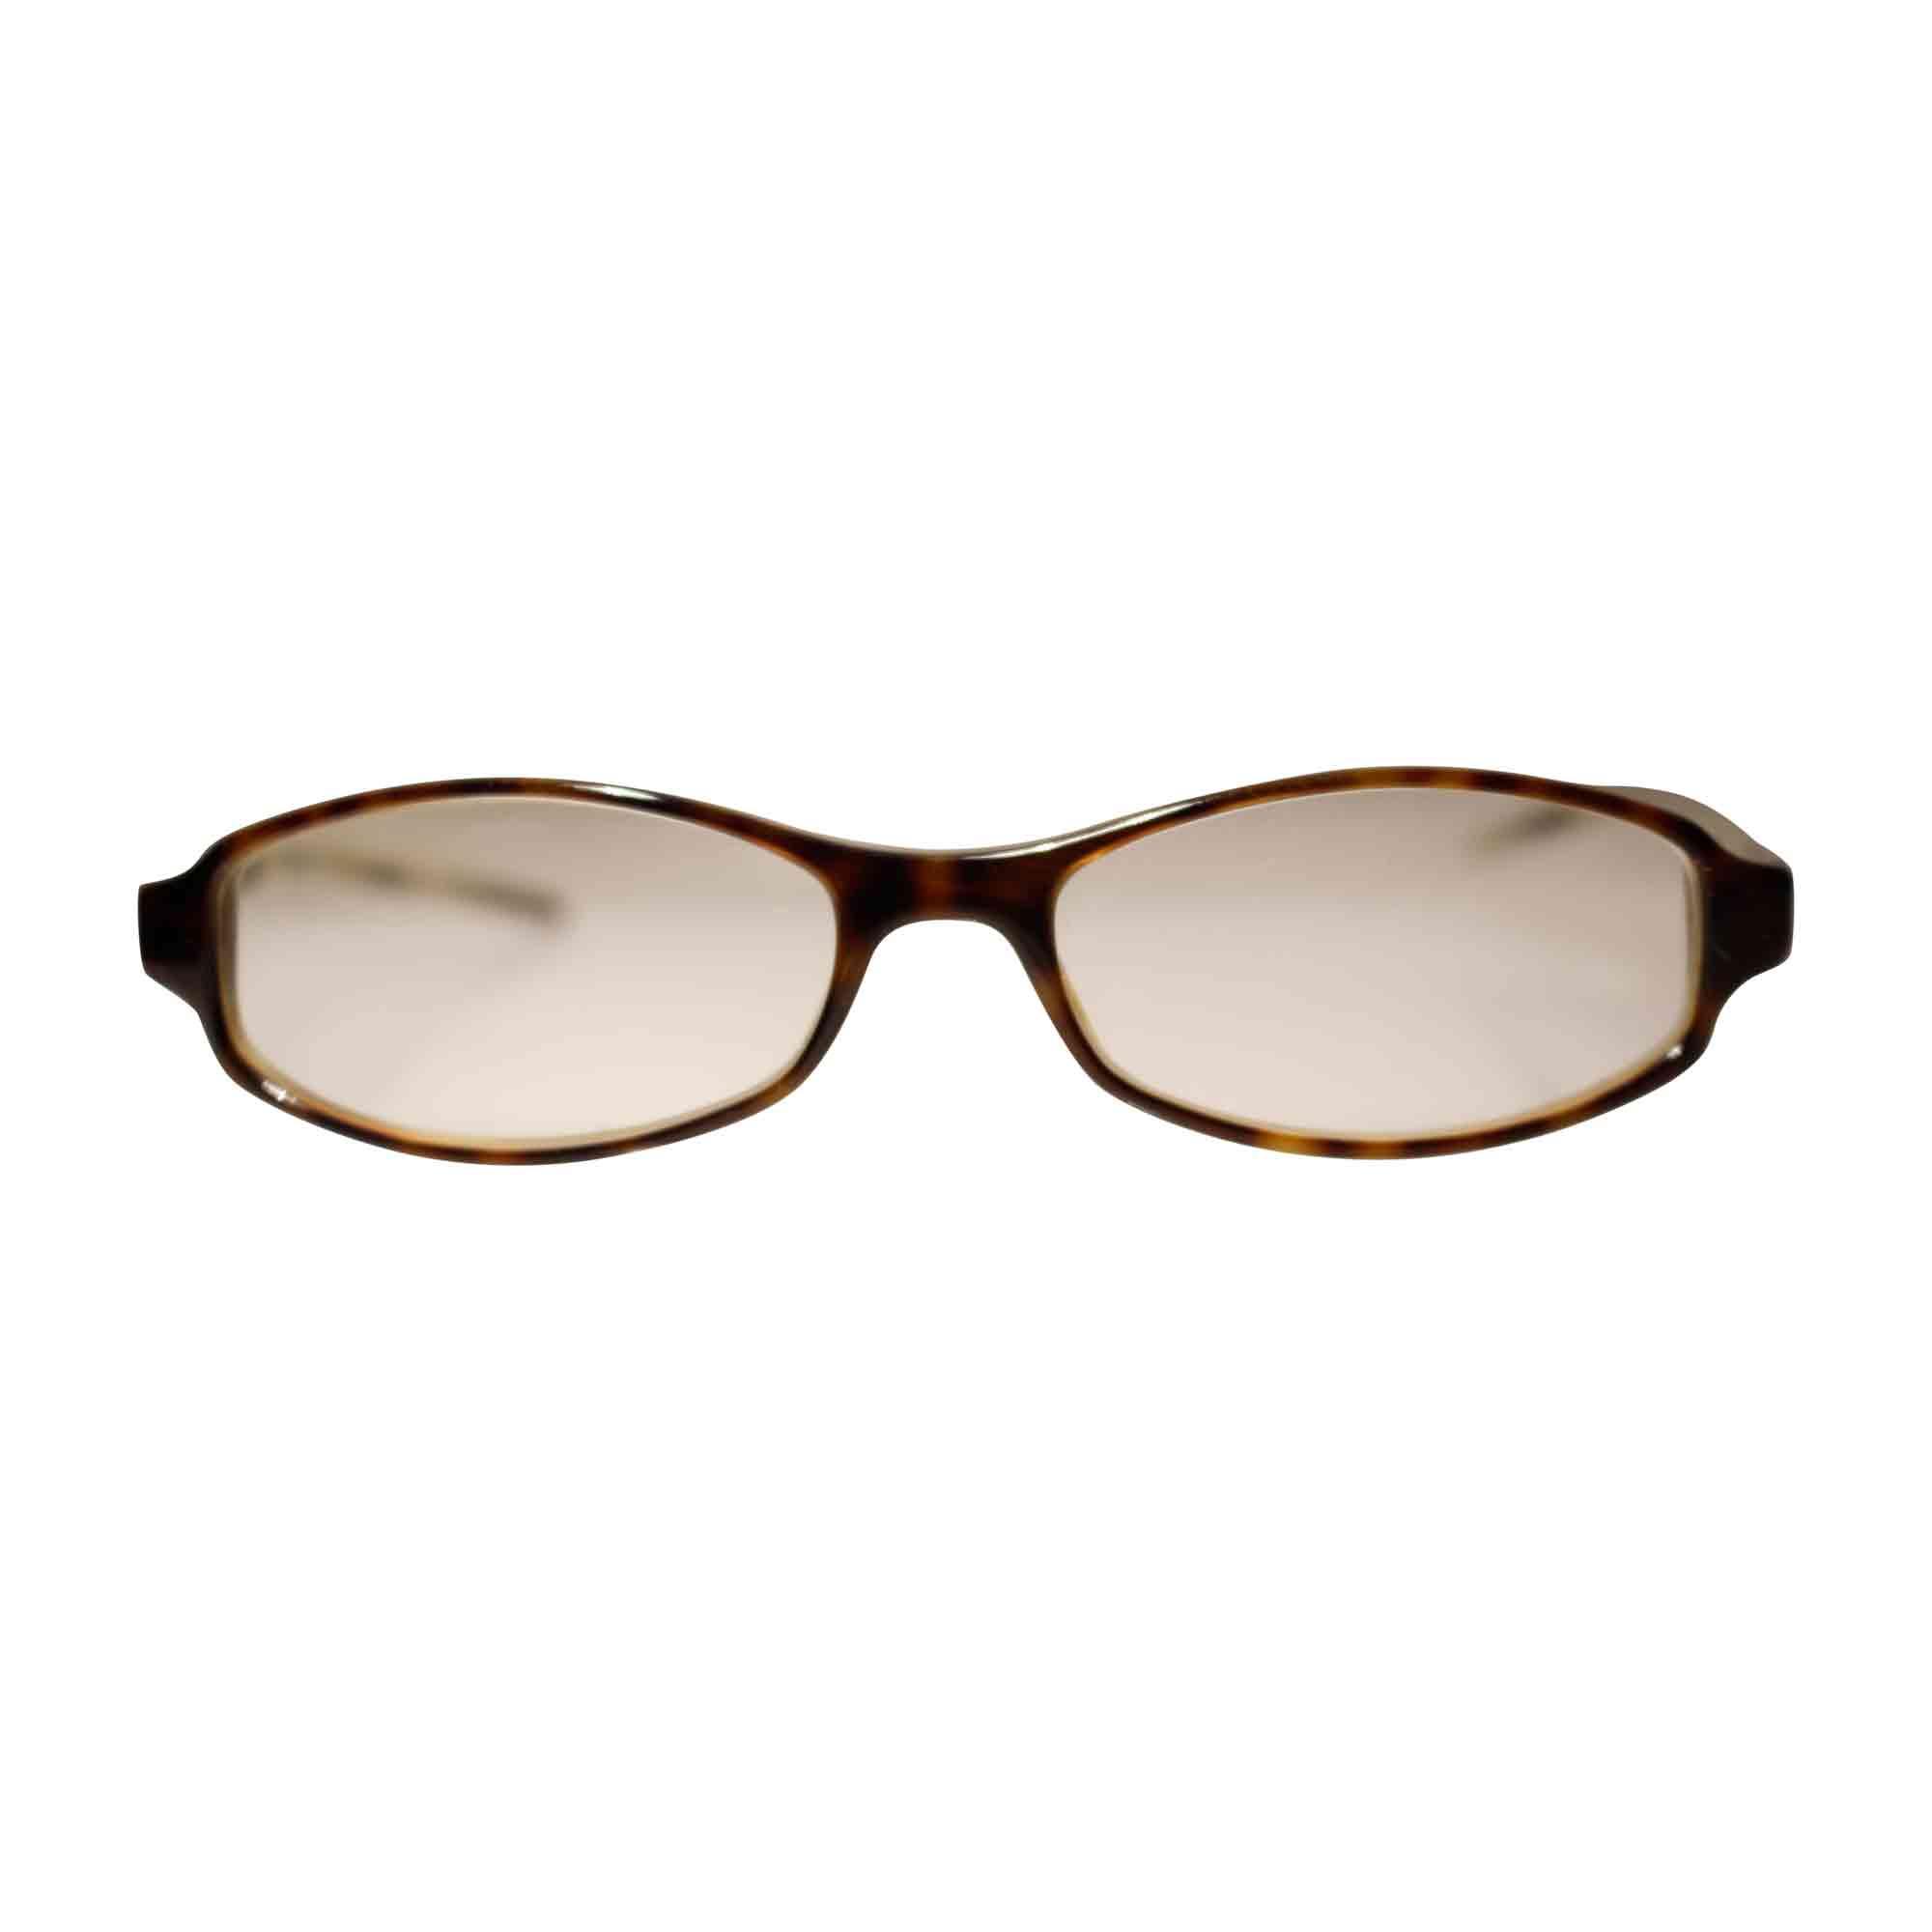 ecd645f188d013 Monture de lunettes GUCCI imprimés animaliers - 5650987